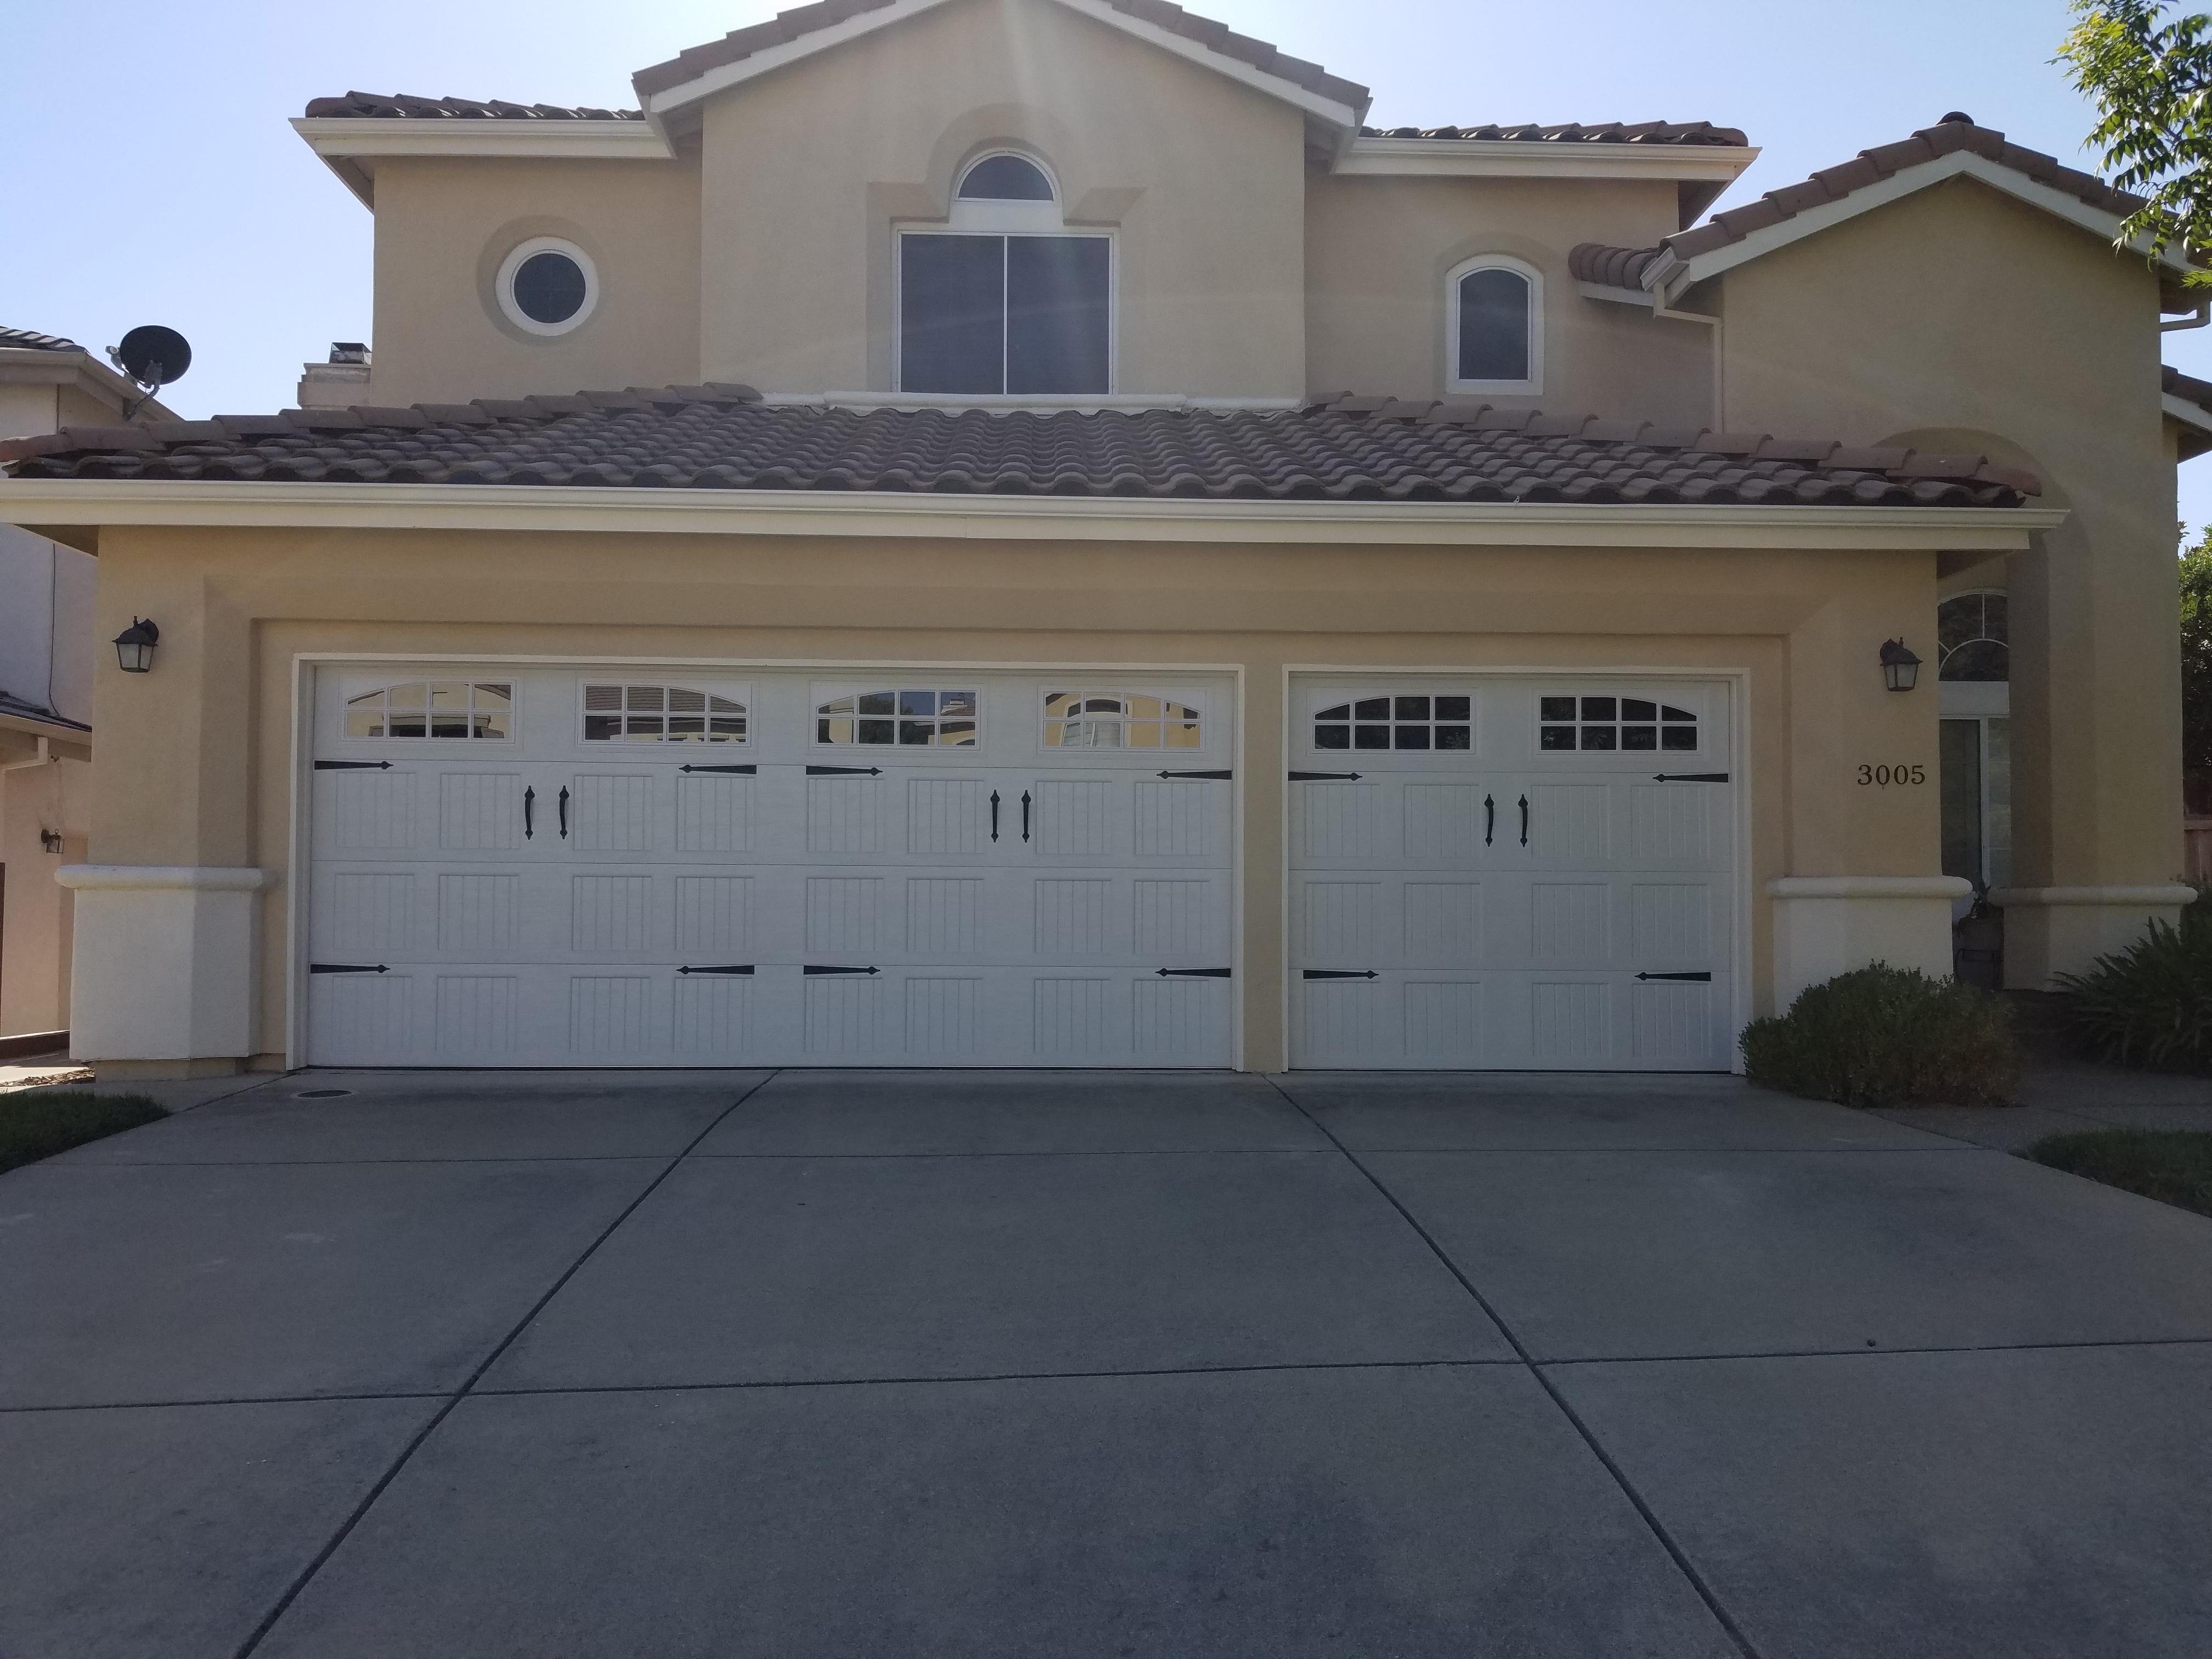 GR8 Garage Door image 1